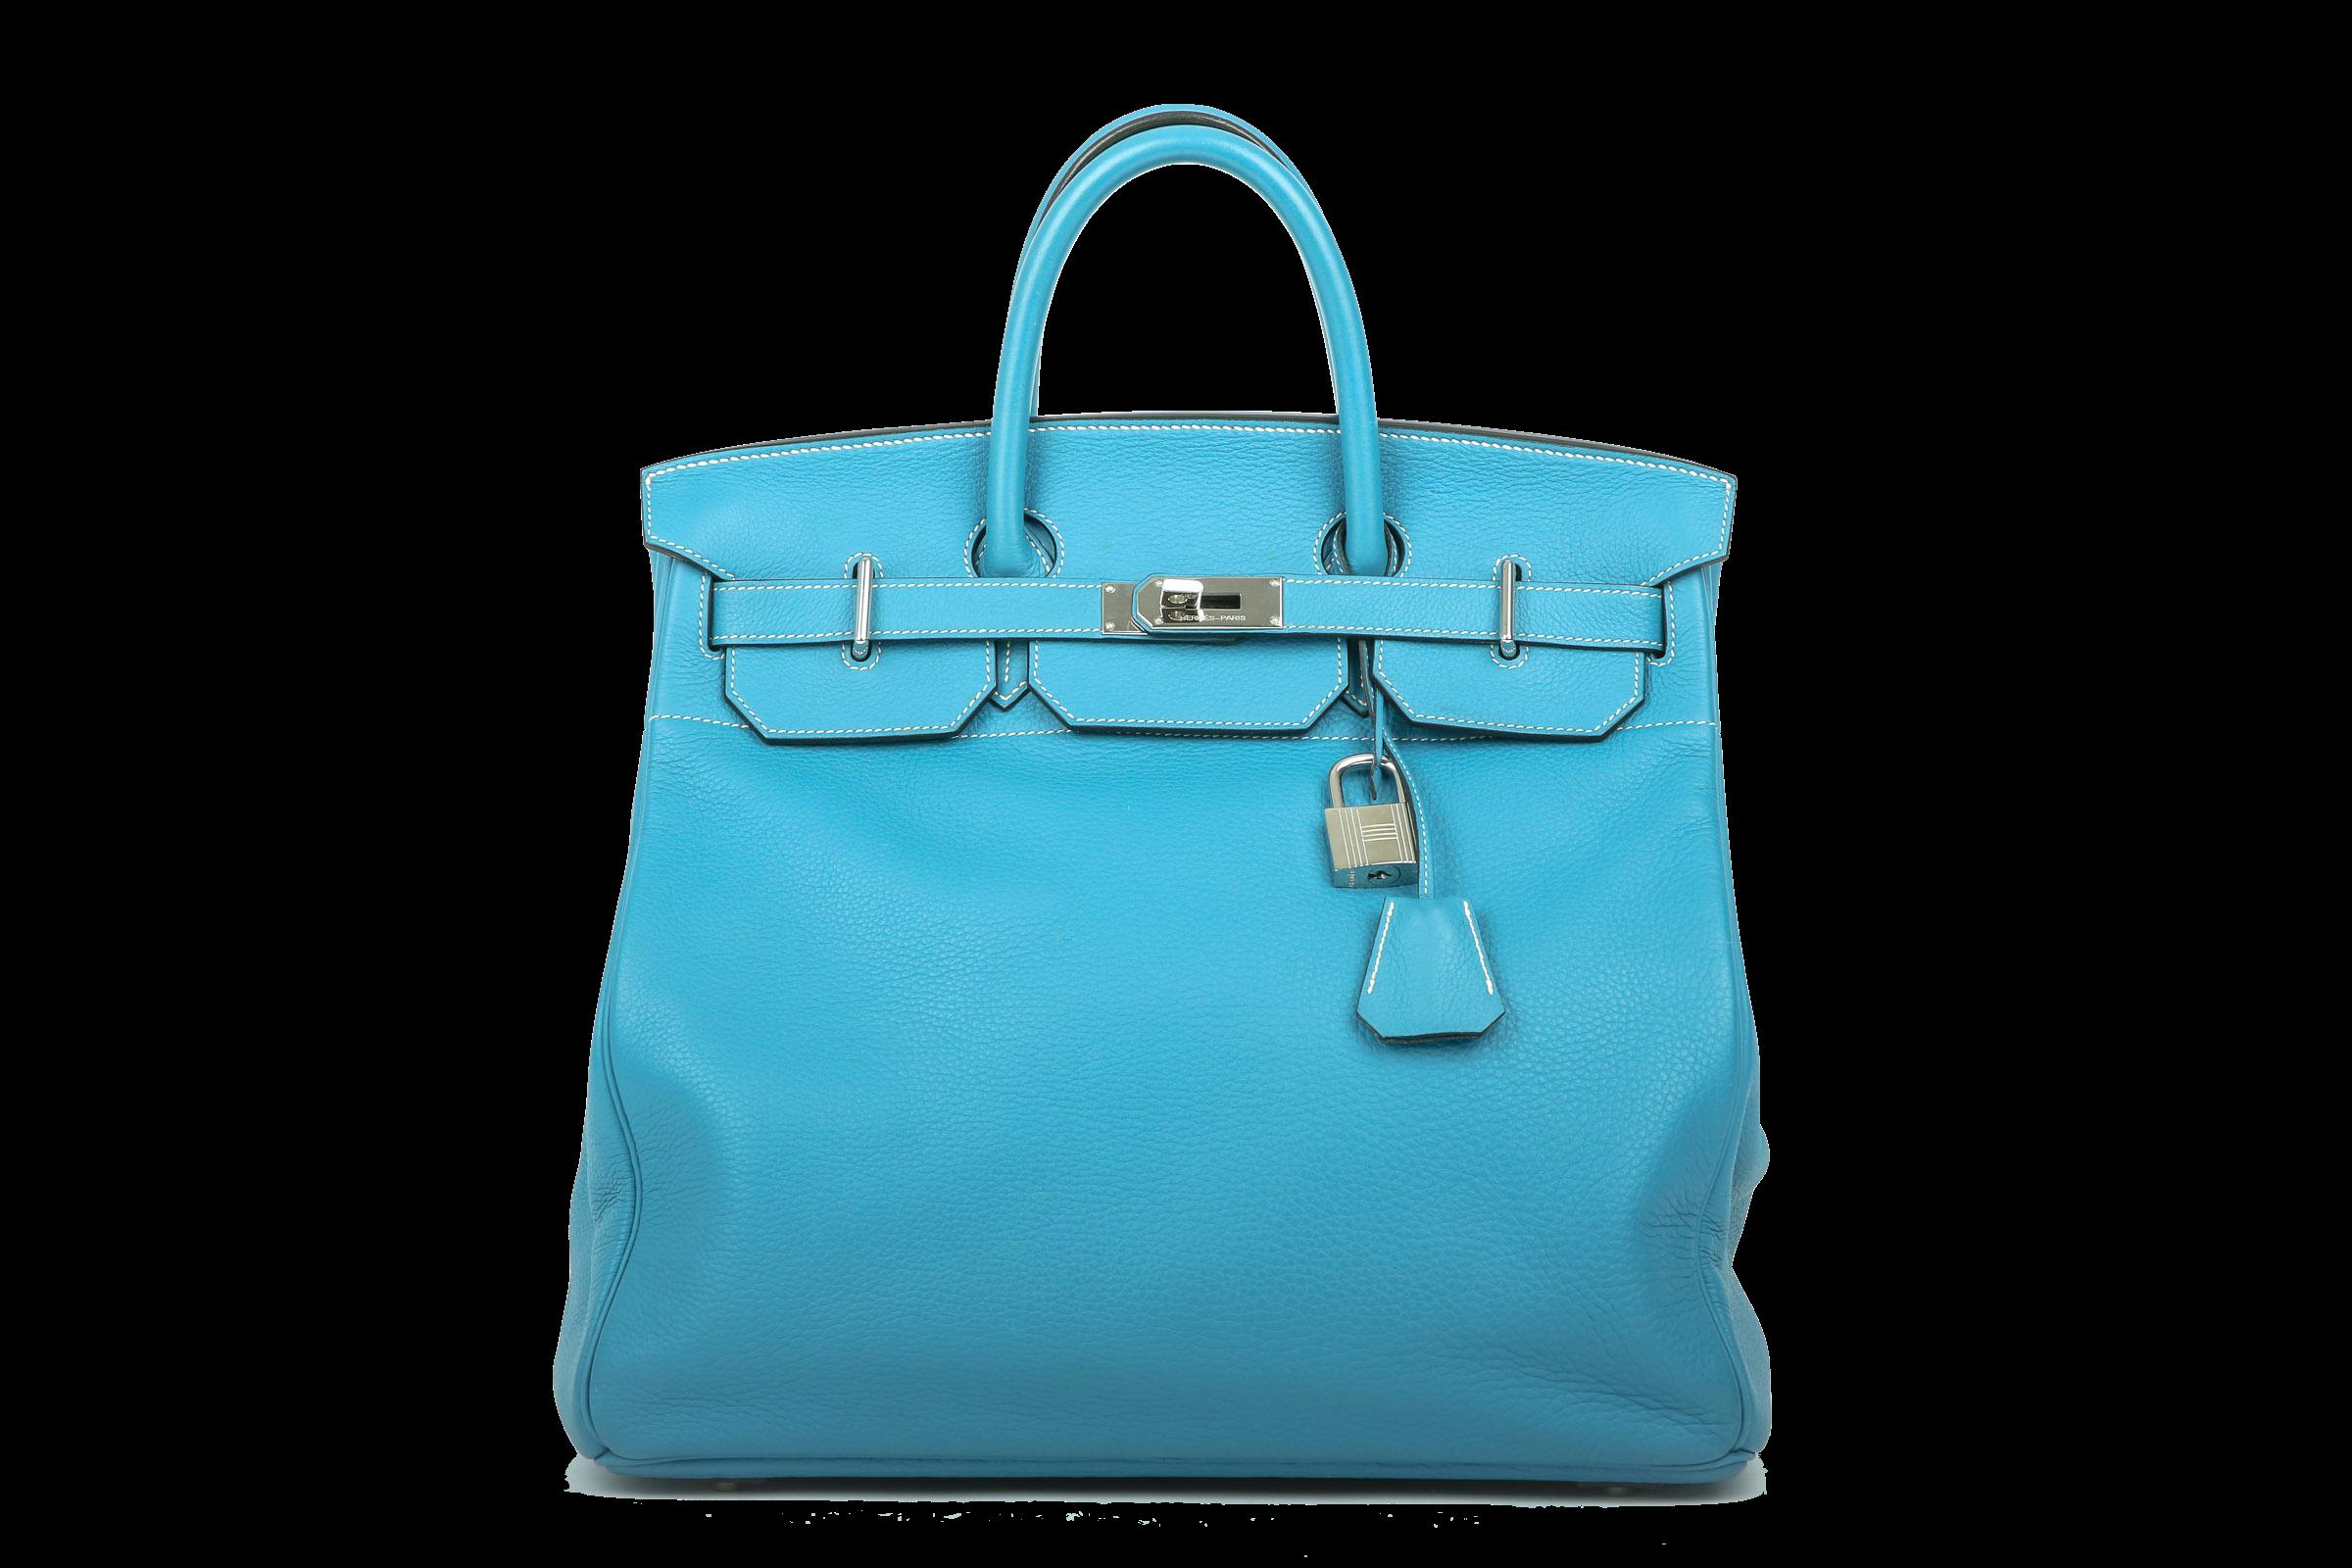 Hermes-Taschen datiert